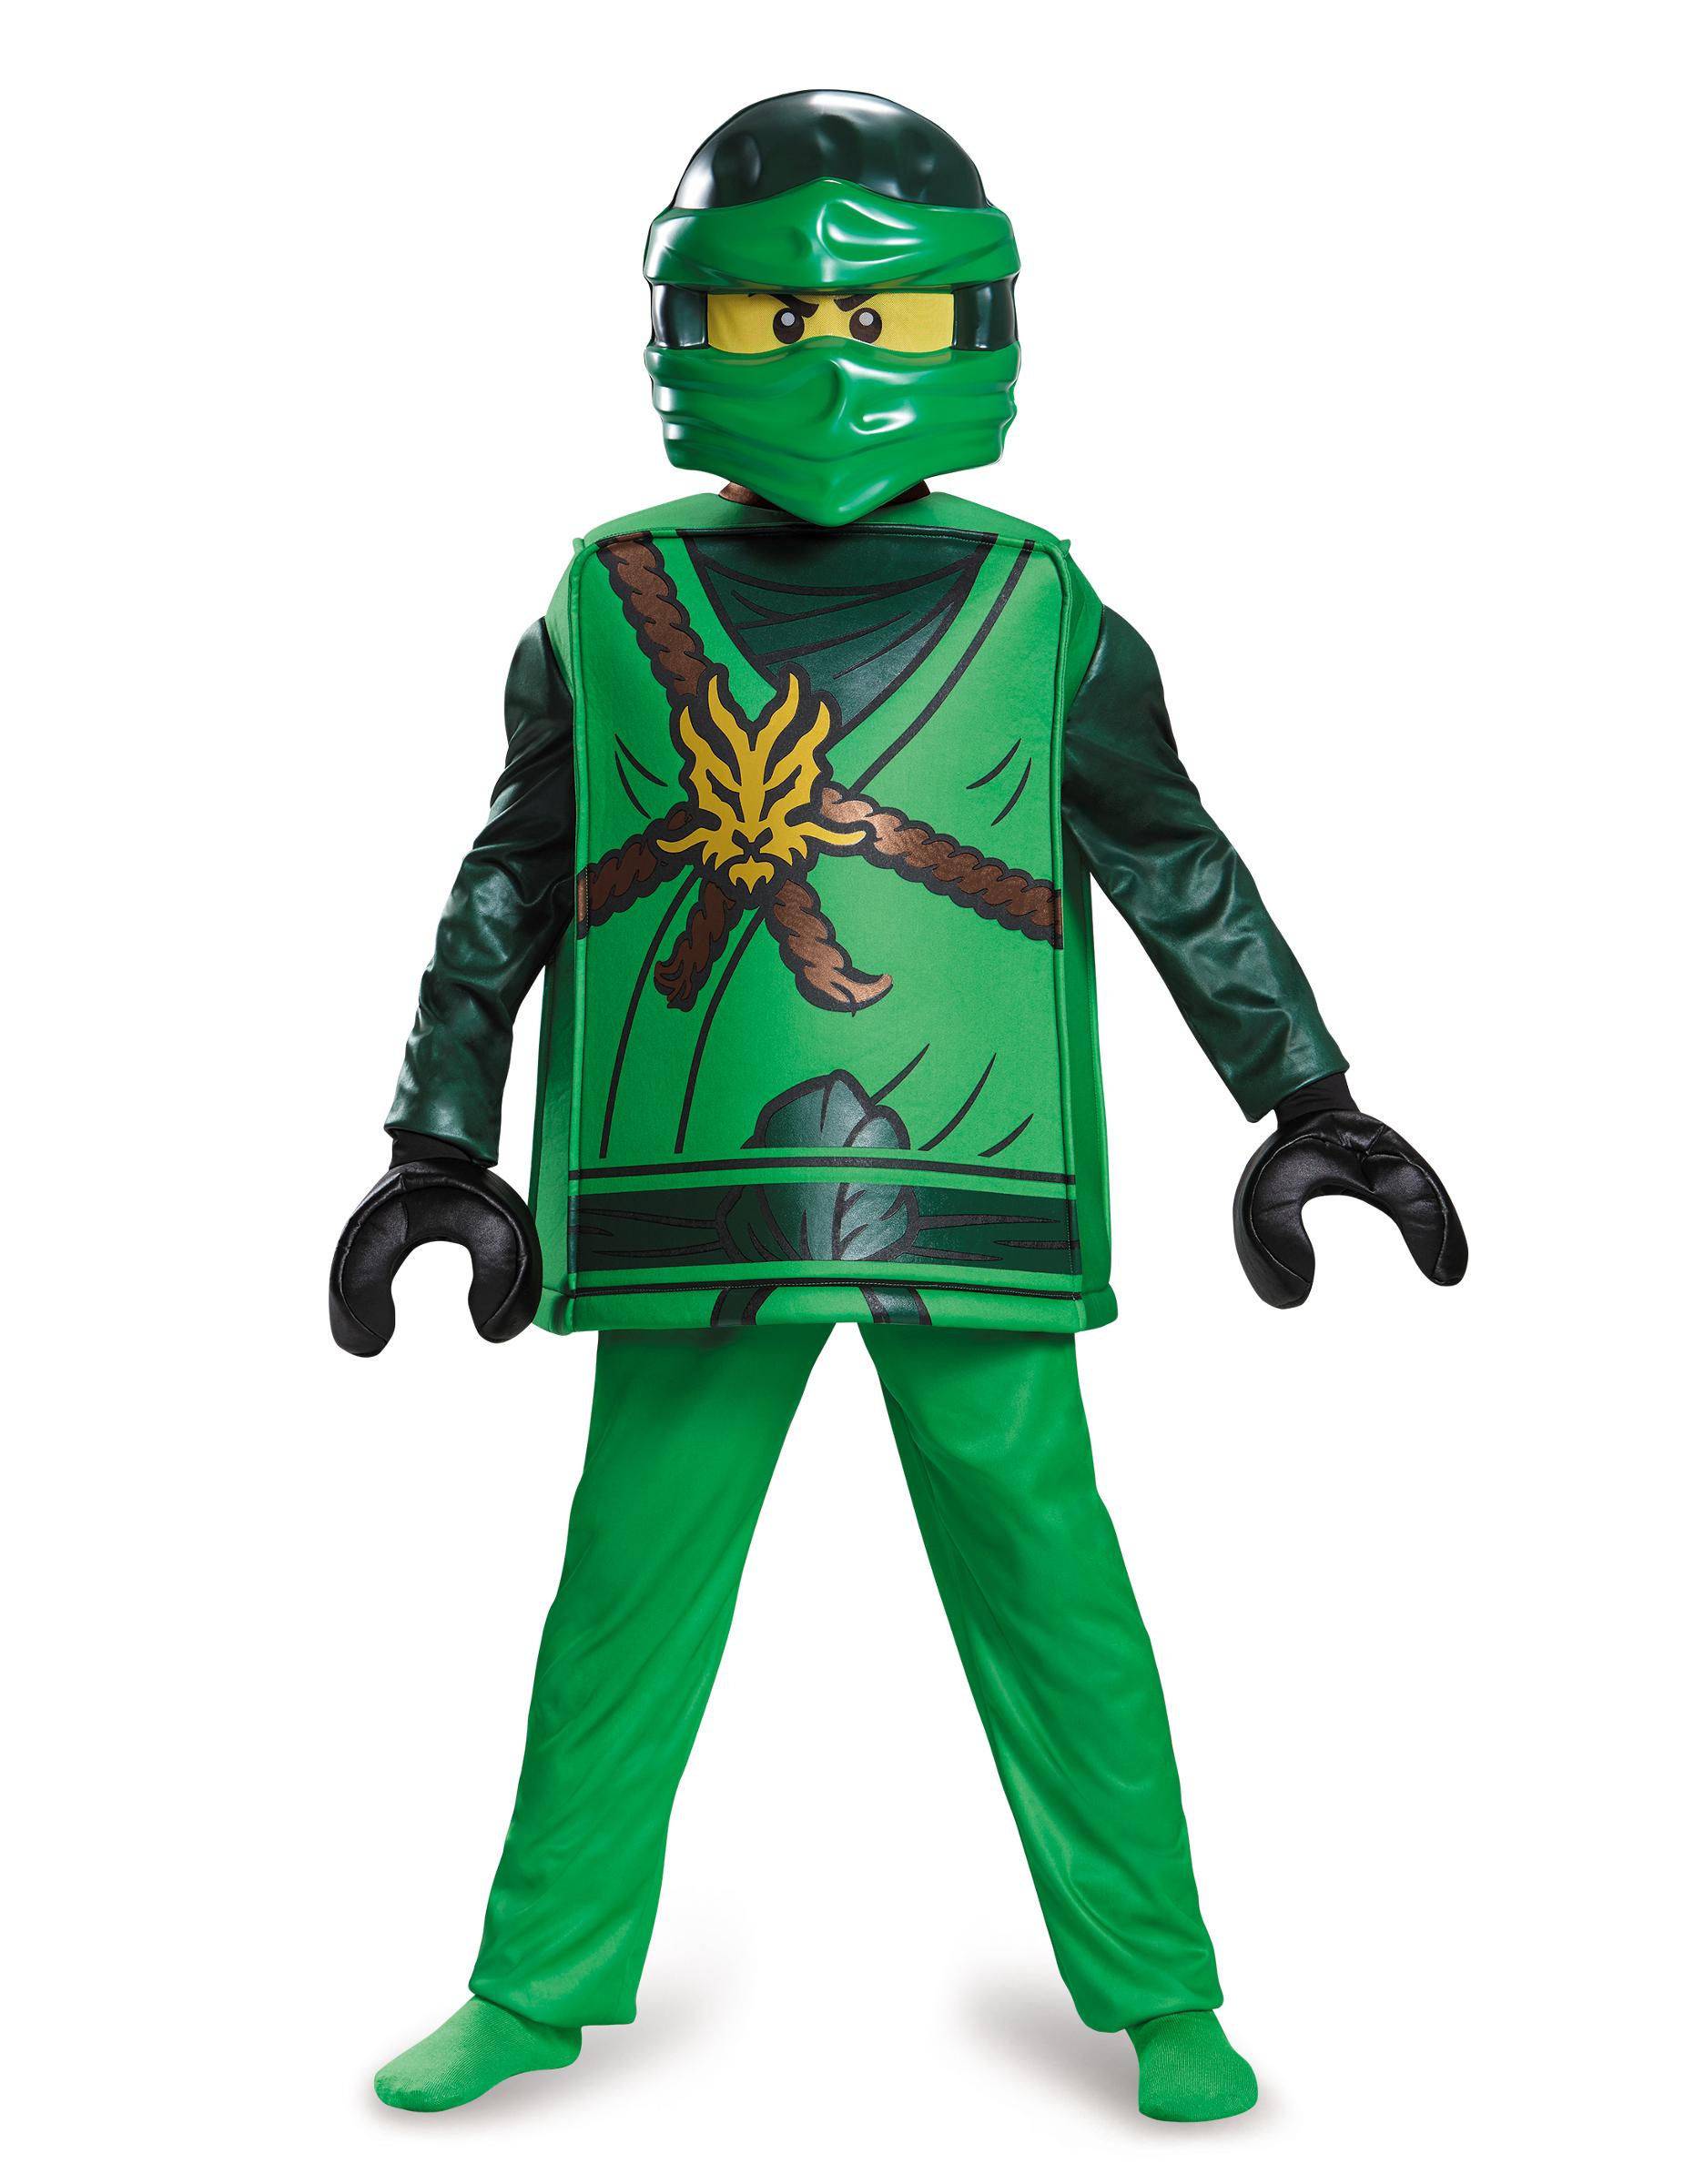 D guisement deluxe lloyd ninjago lego enfant deguise toi achat de d guisements enfants - Deguisement tete de lego ...